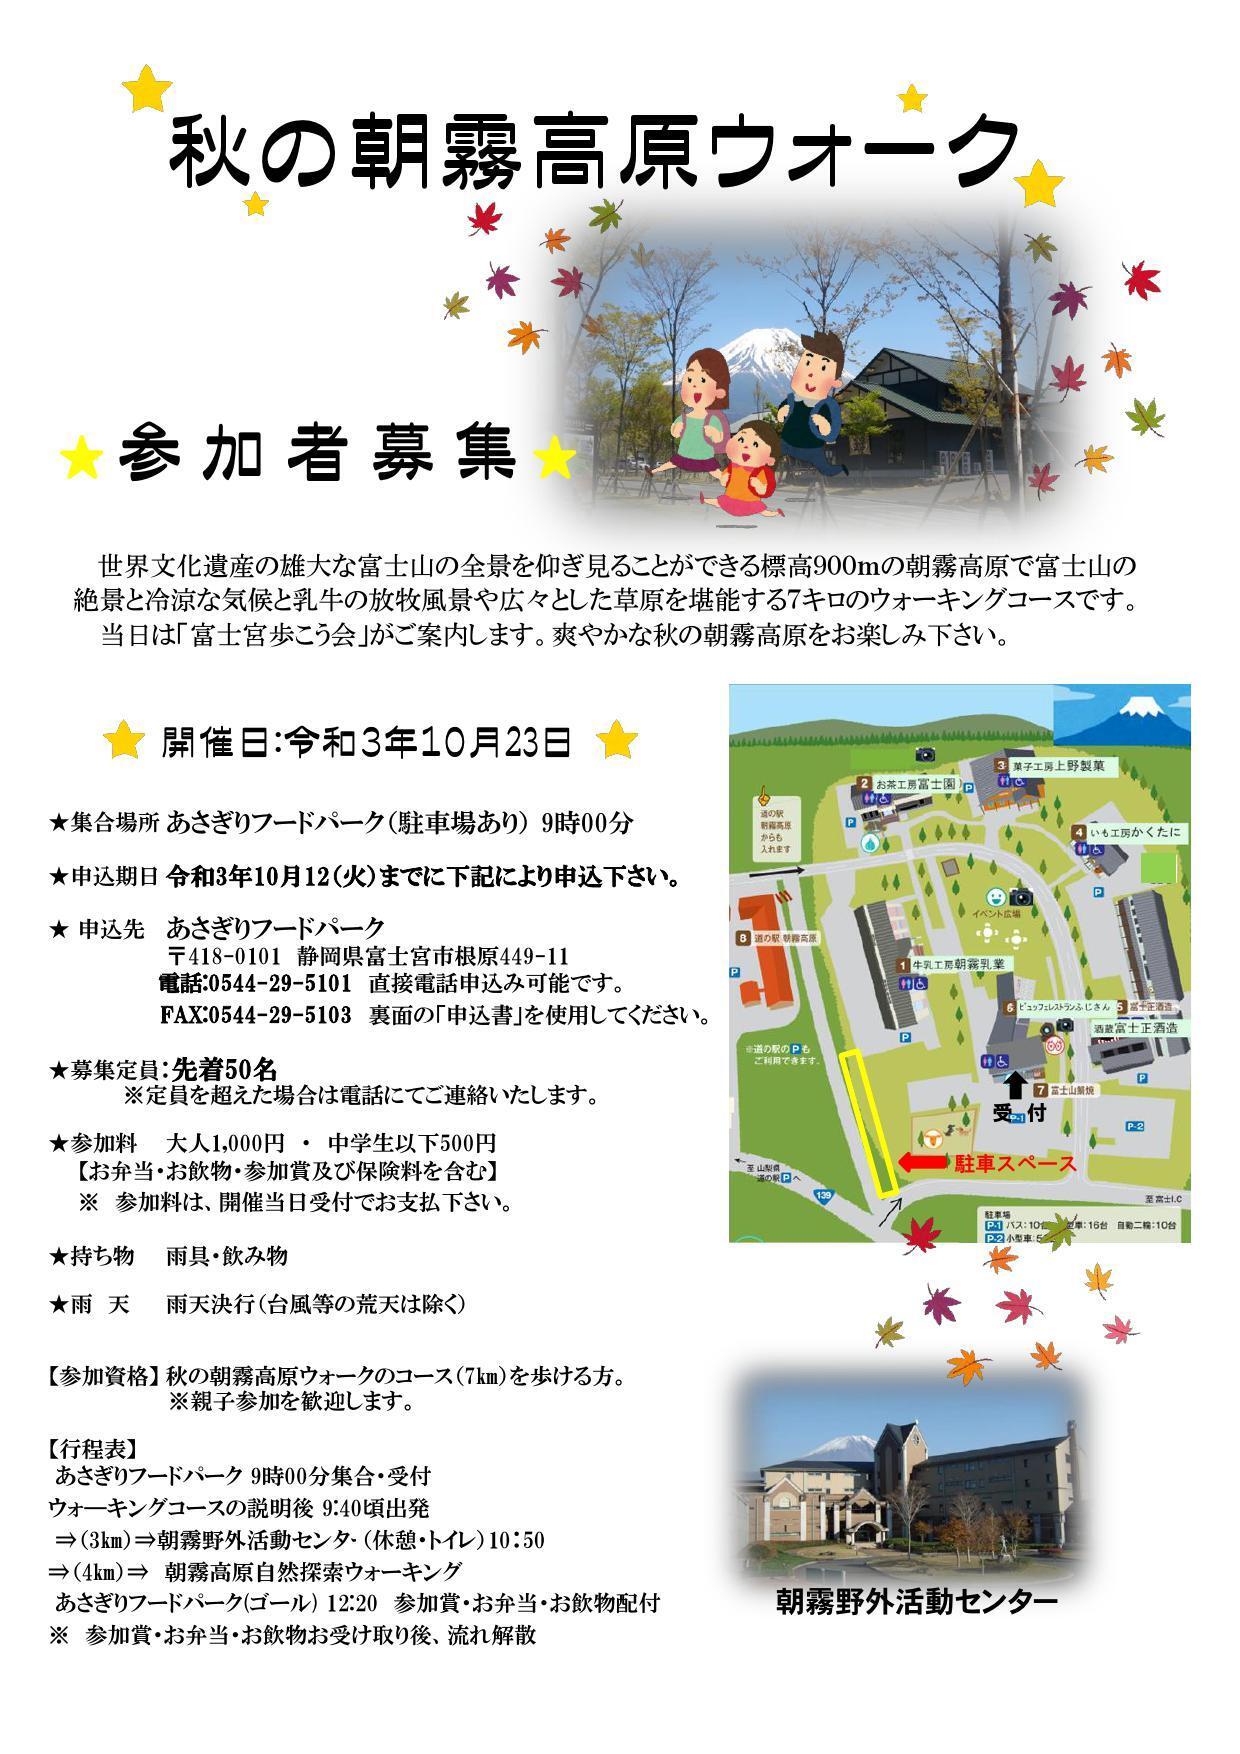 コピーR3チラシ・参加申込書_000001.jpg